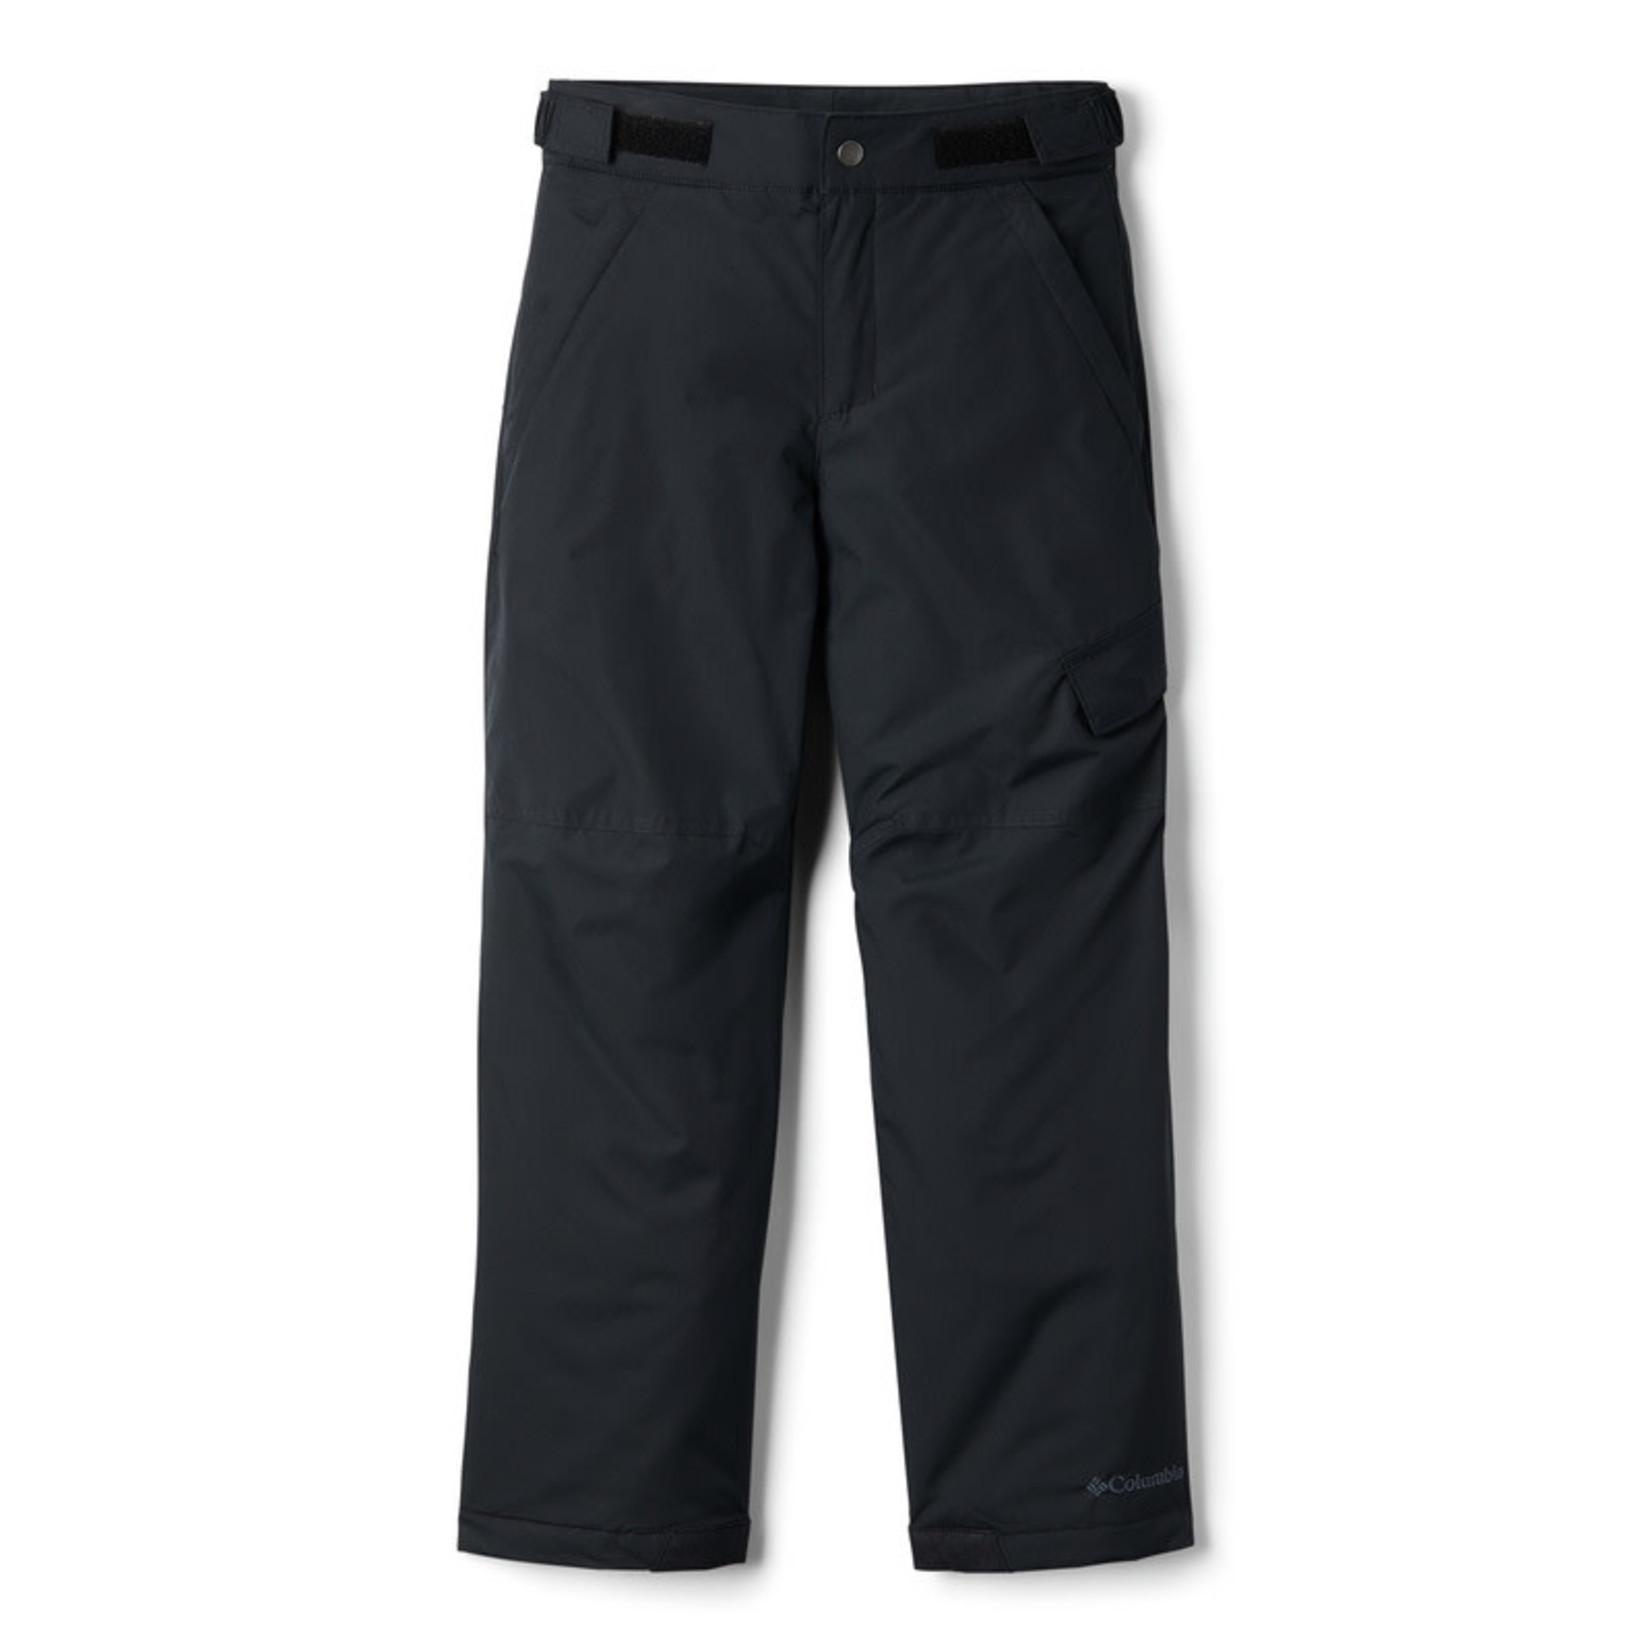 Columbia Columbia Snow Pants, Ice Slope II, Youth